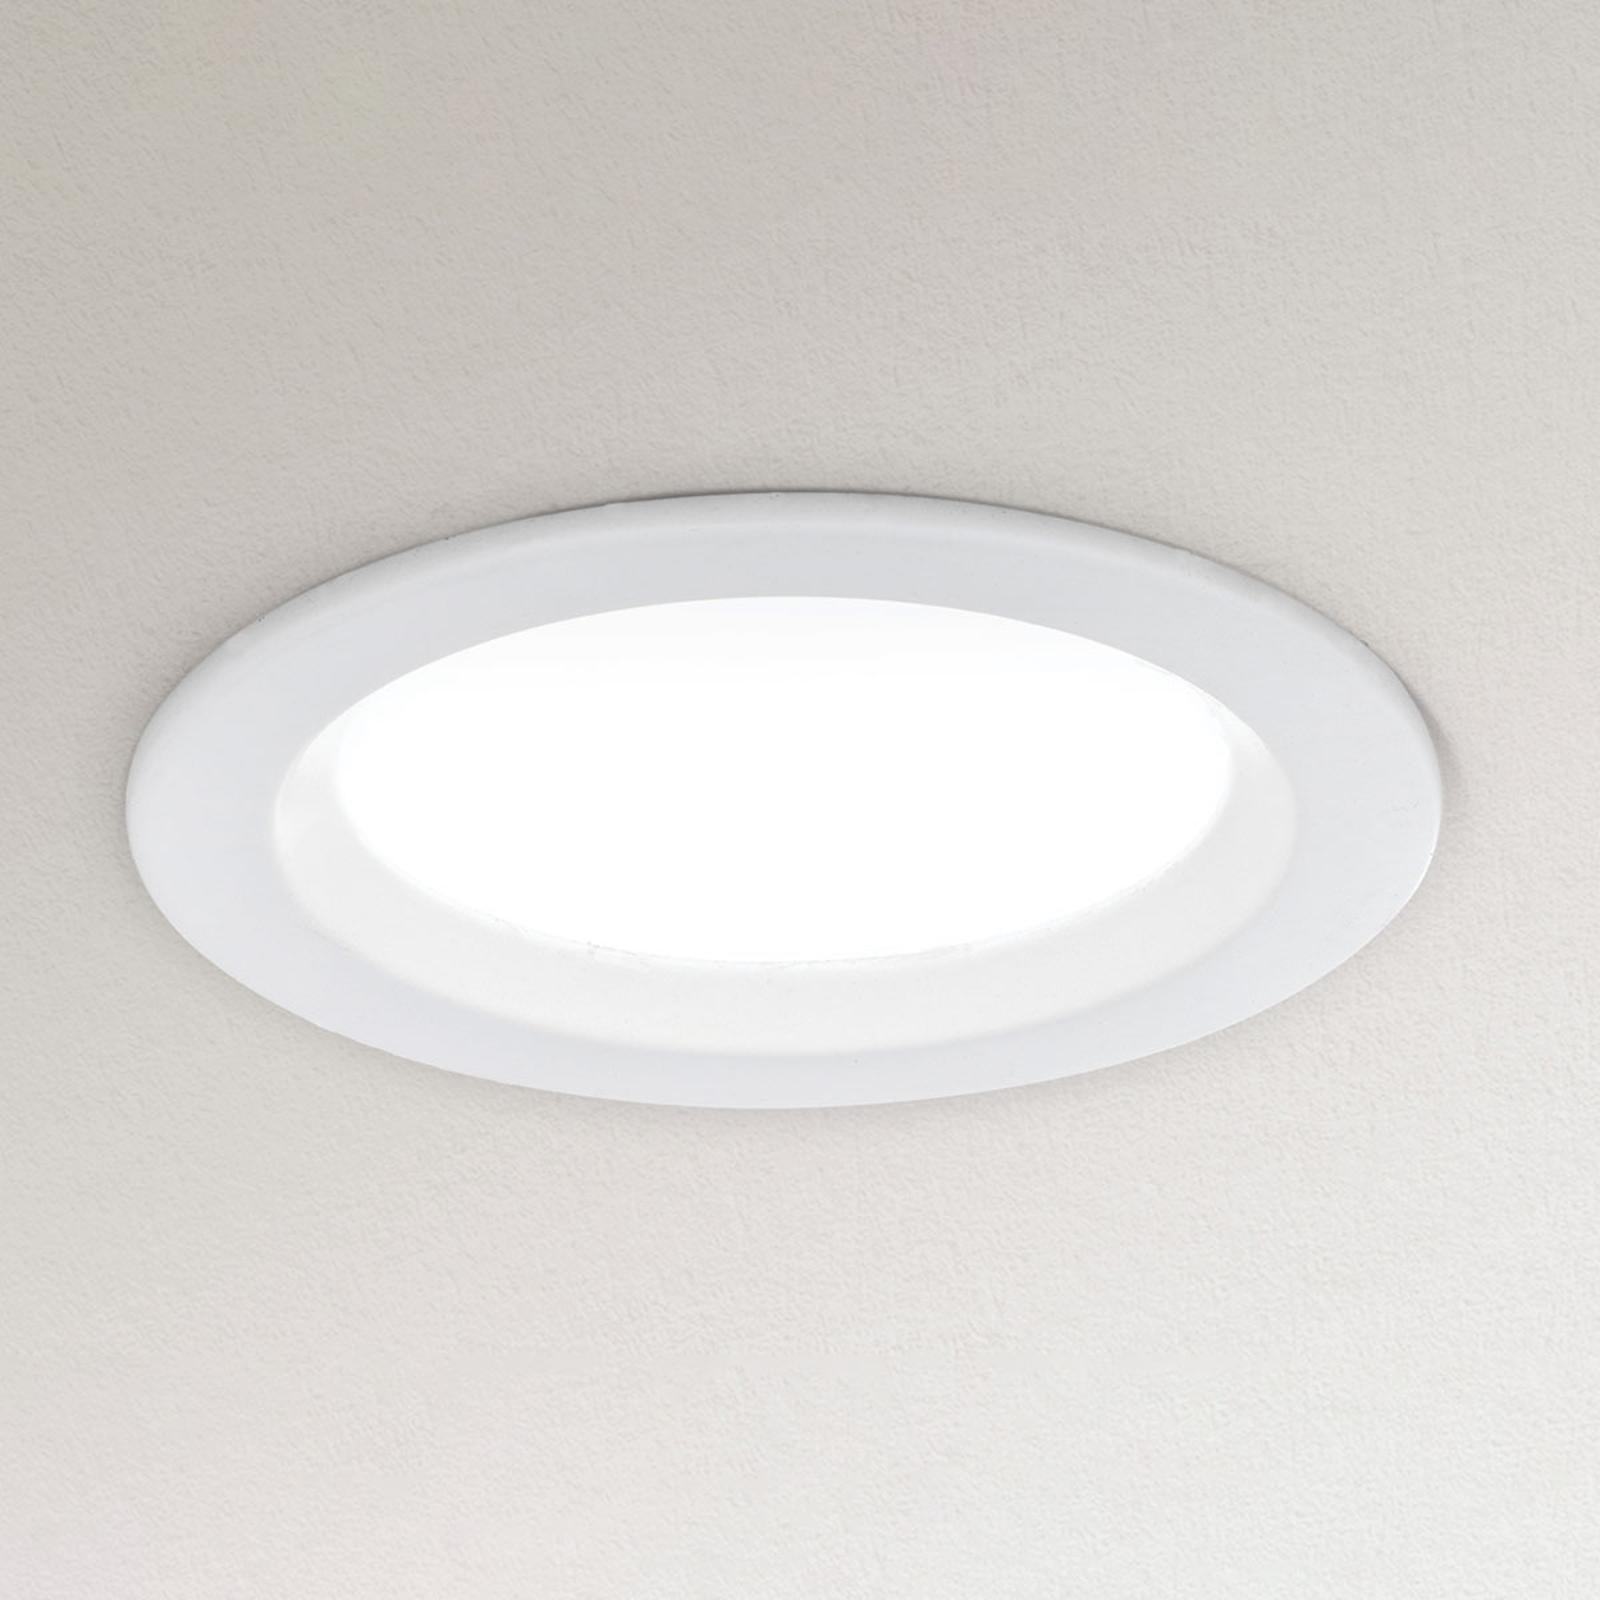 Downlight LED dimmerabile Spock Ø 9 cm bianco